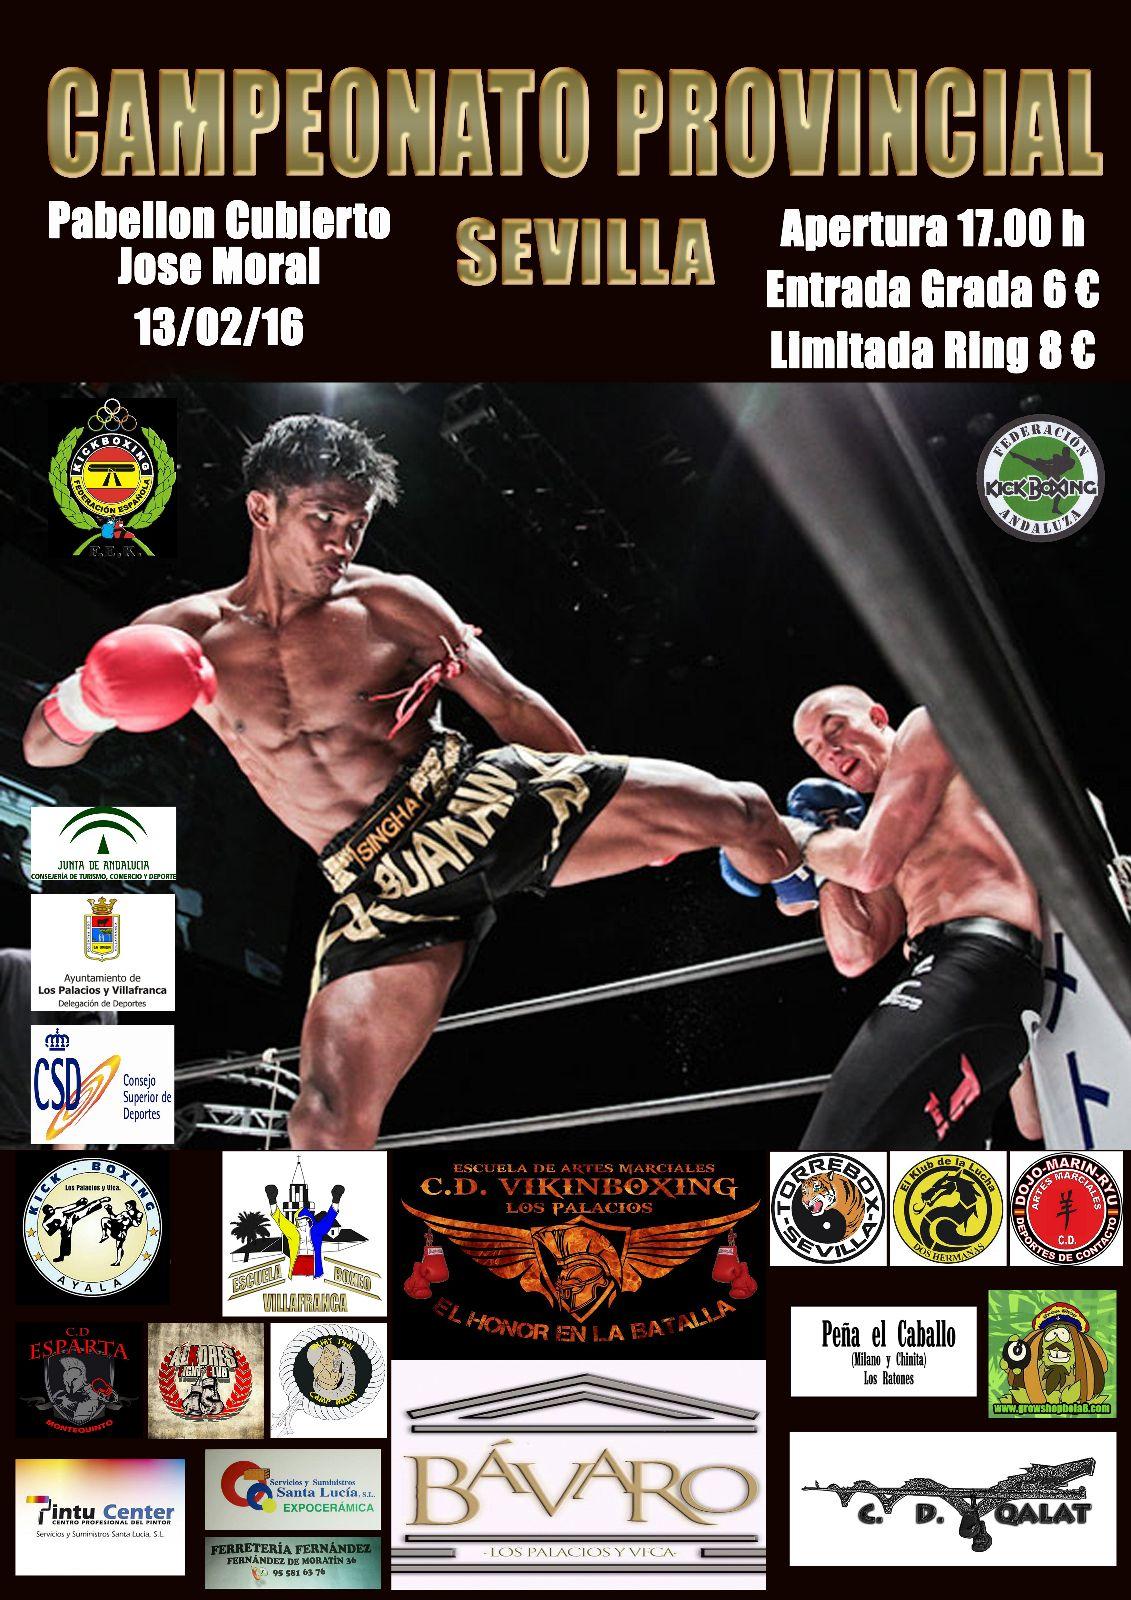 Budokan blog de artes marciales campeonato de sevilla - Artes marciales sevilla ...